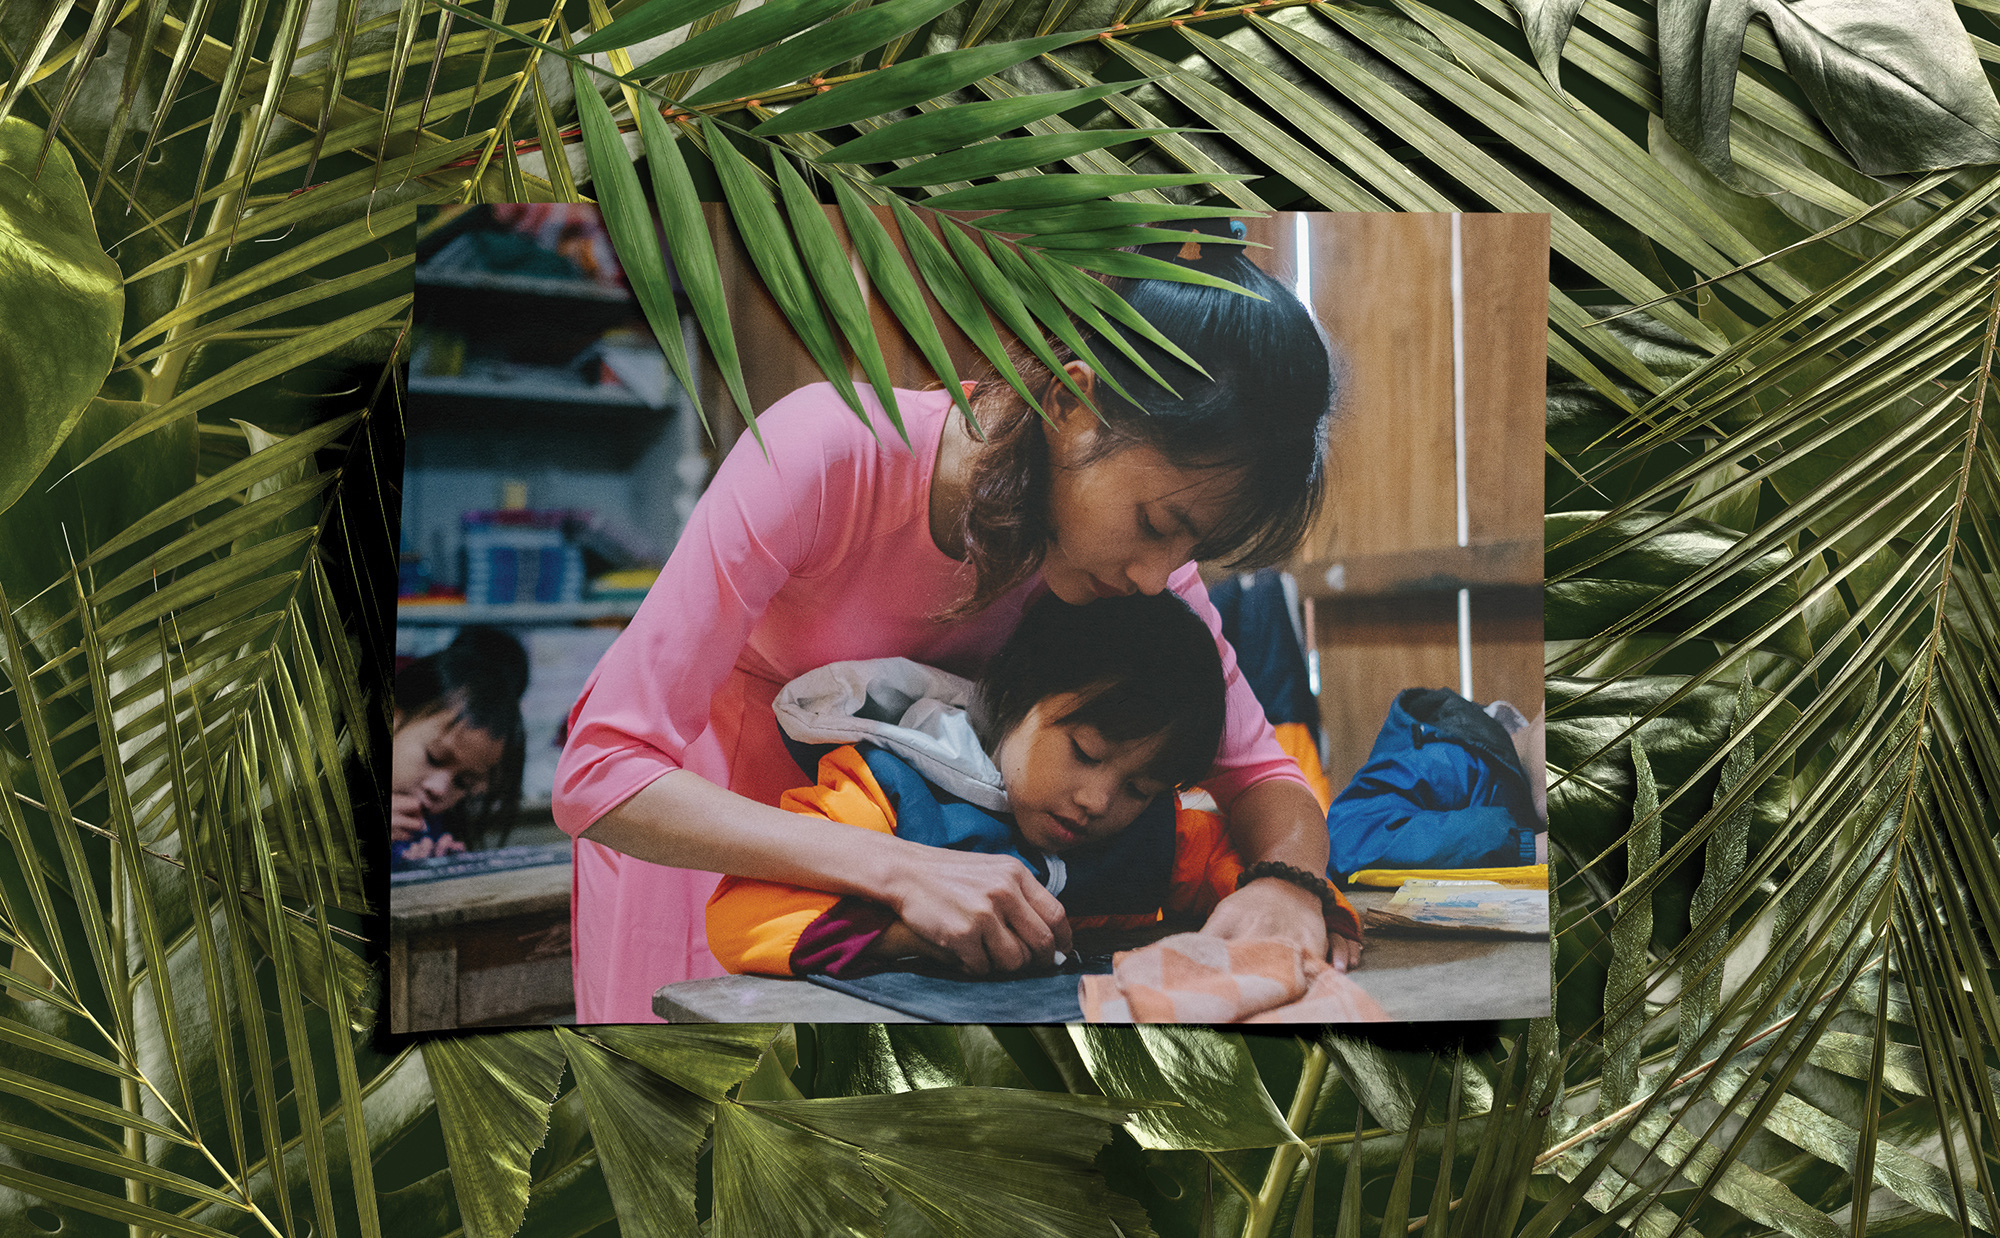 """Lên đỉnh trời Ngọc Linh gặp cô giáo dành cả thanh xuân """"gùi chữ qua đèo"""" cho tụi nhỏ: Dù ở núi hay phố, đâu cũng có niềm vui và hạnh phúc! - Ảnh 11."""